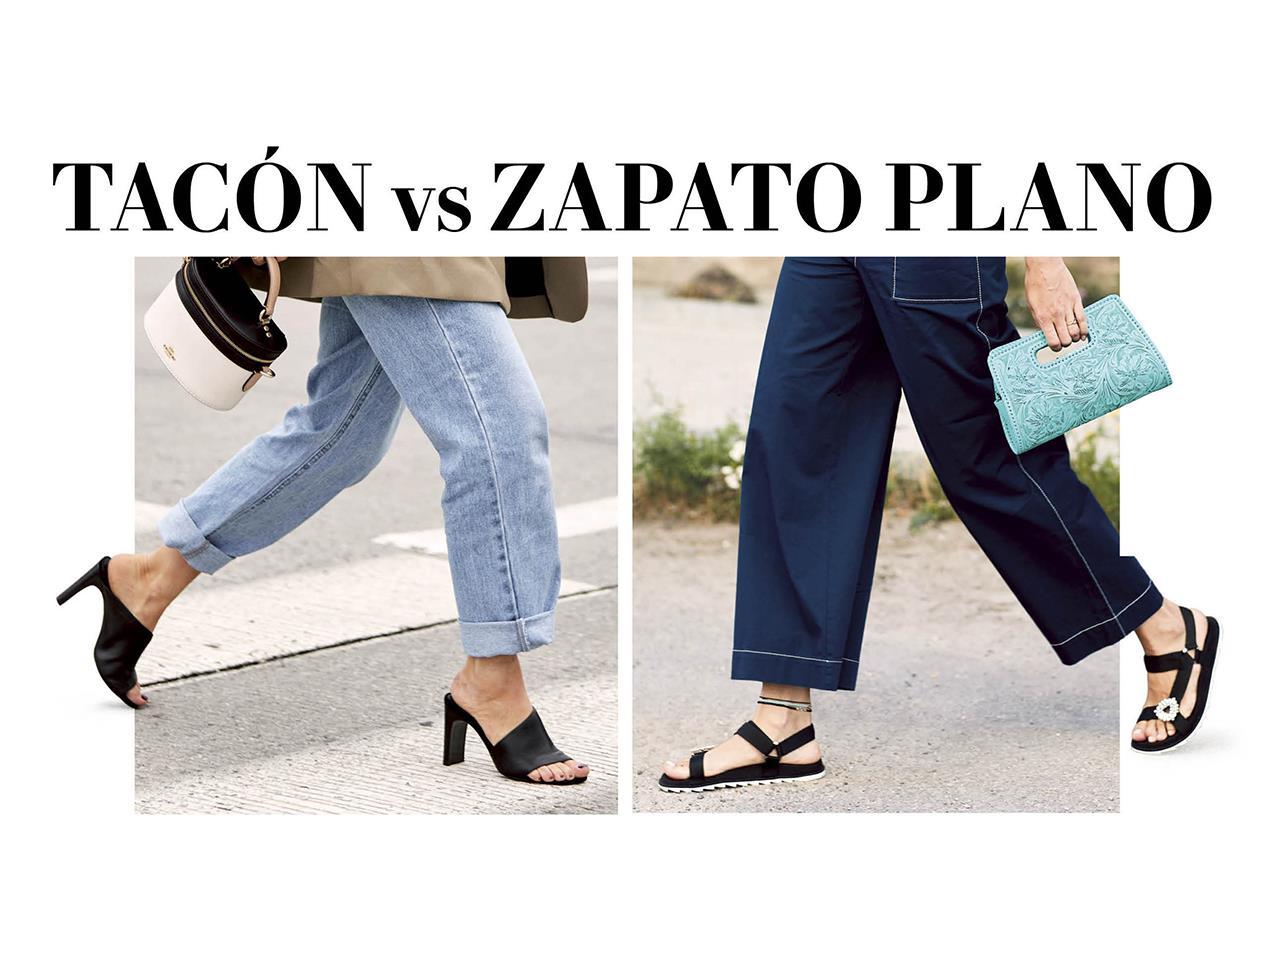 Guste O Plano De El Más Zapato Que Tacón Te Elige Mujer 8nyN0wPvmO